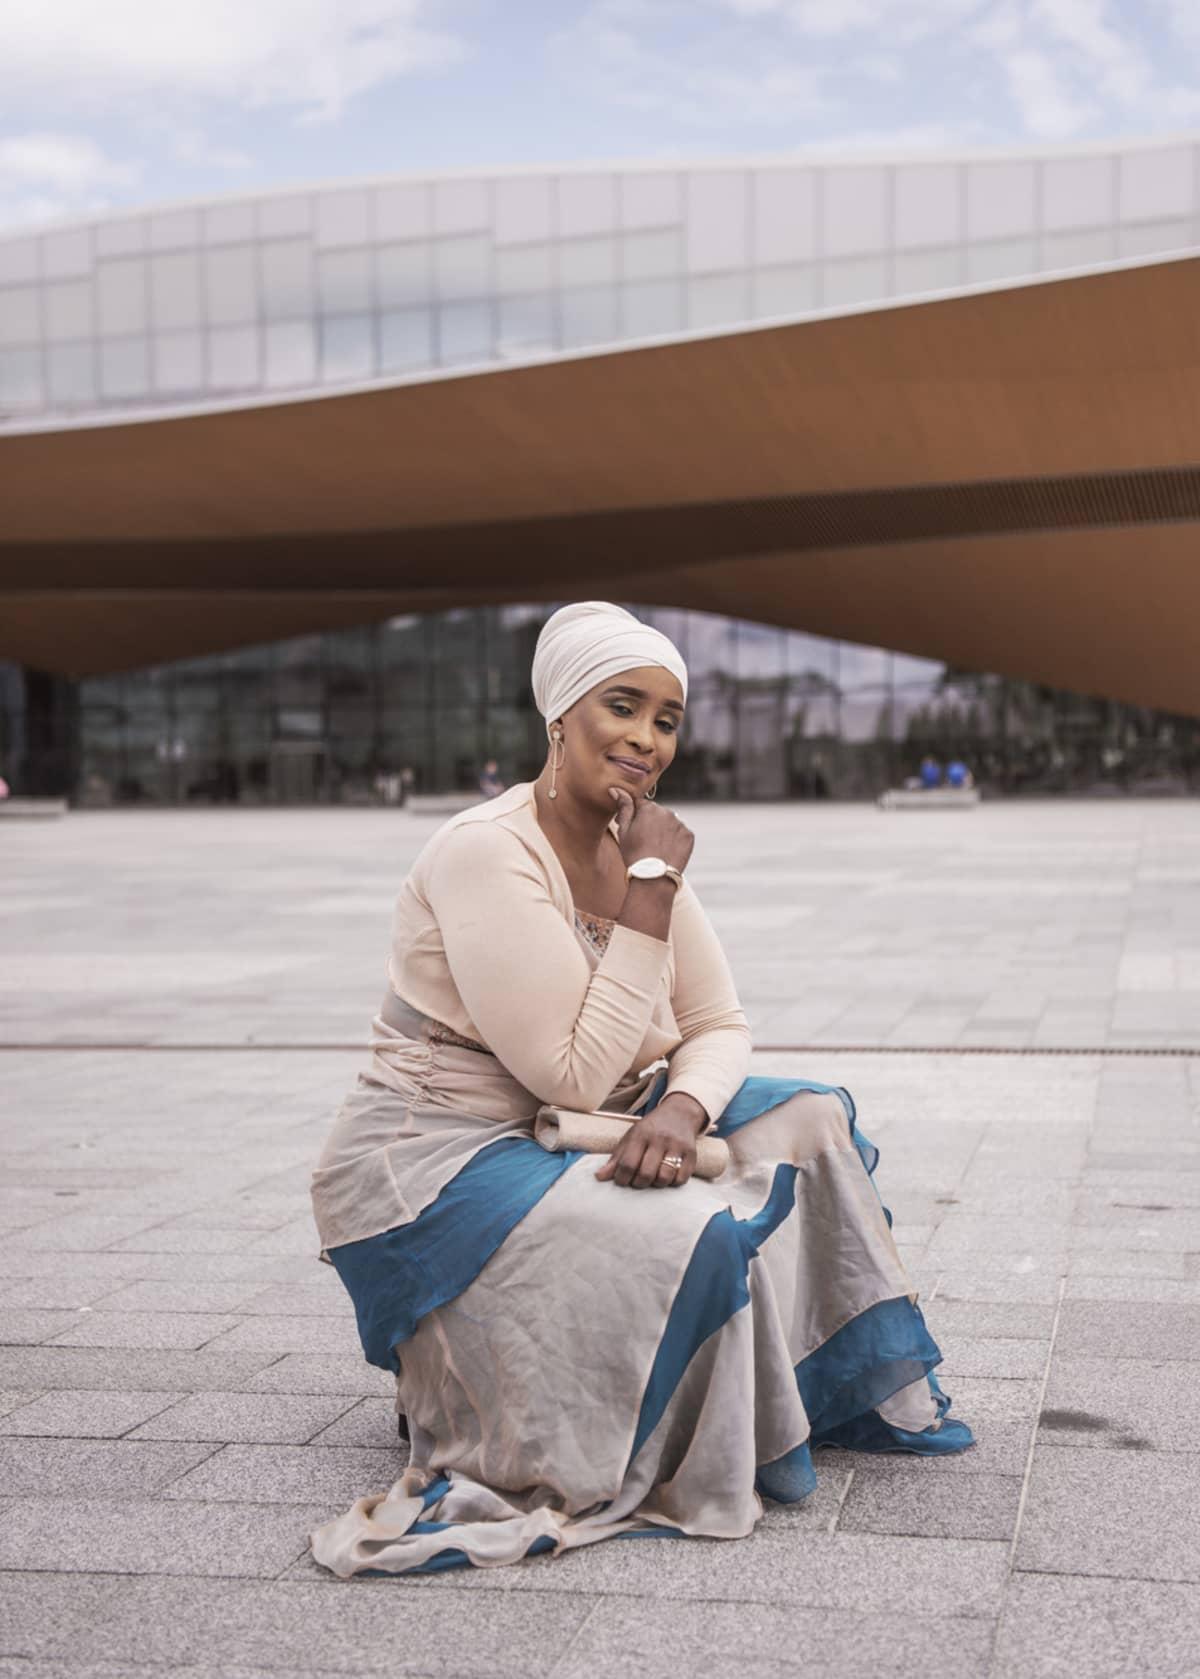 Vuoden pakolaisnaiseksi 2020 valittu helsinkiläinen perhetyöntekijä Farhia Abdi.